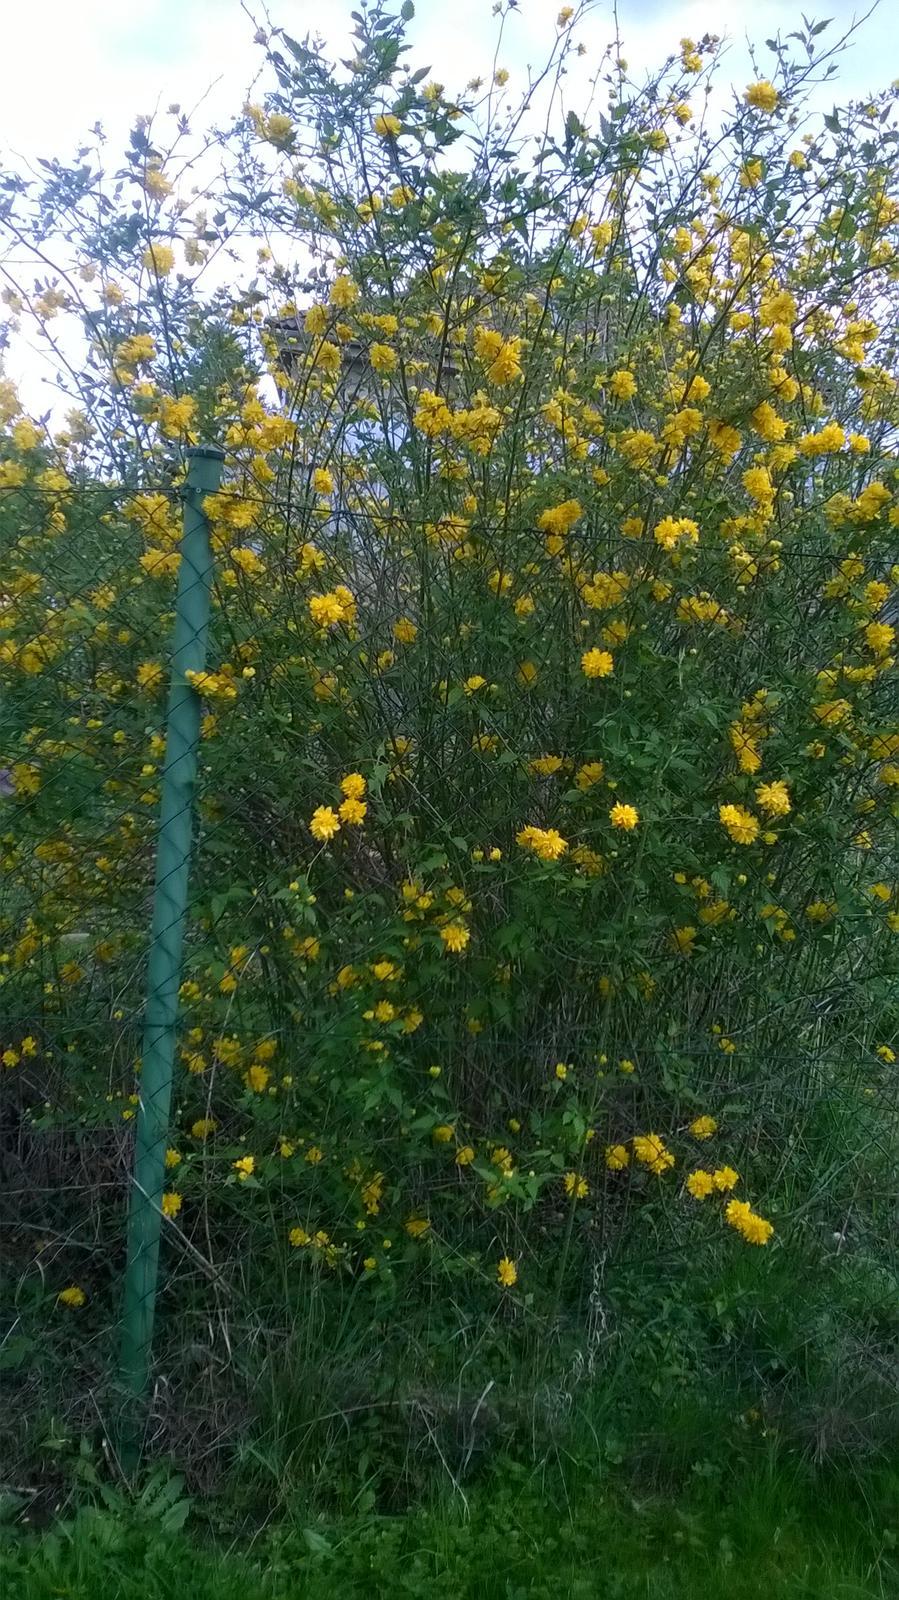 Mé nekonečné inspirace pro zahrádku - zákula, krásně kvete brzy zjara.